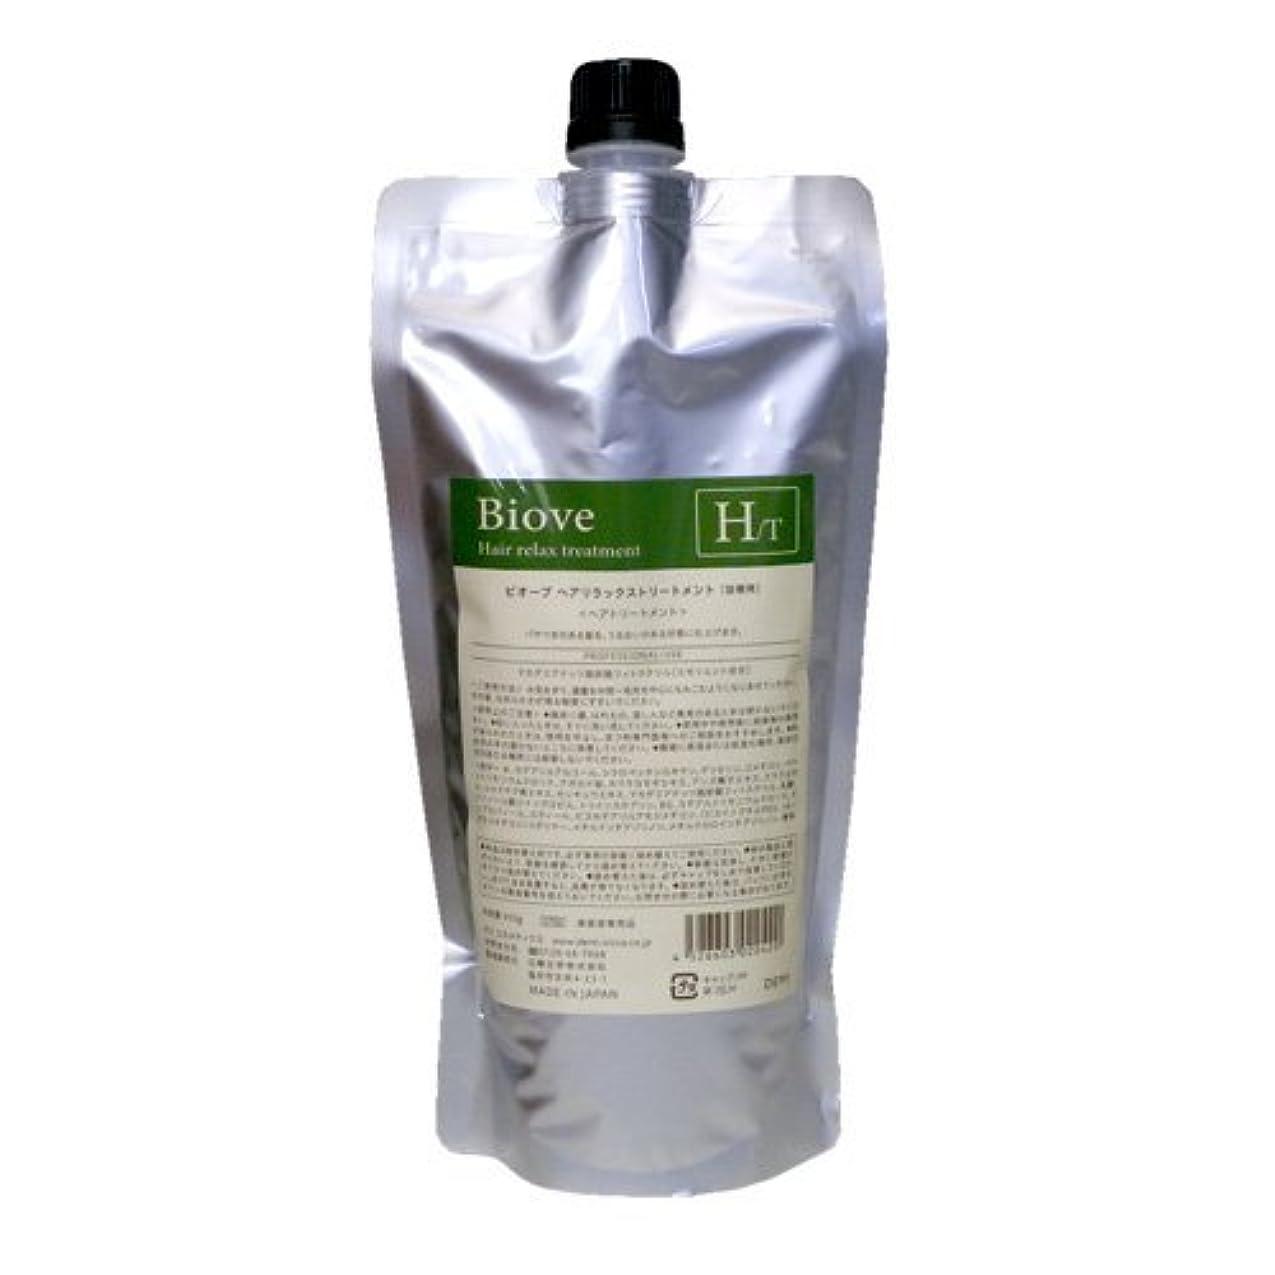 プラグ平らにする成熟したデミ ビオーブ ヘアリラックストリートメント 450g